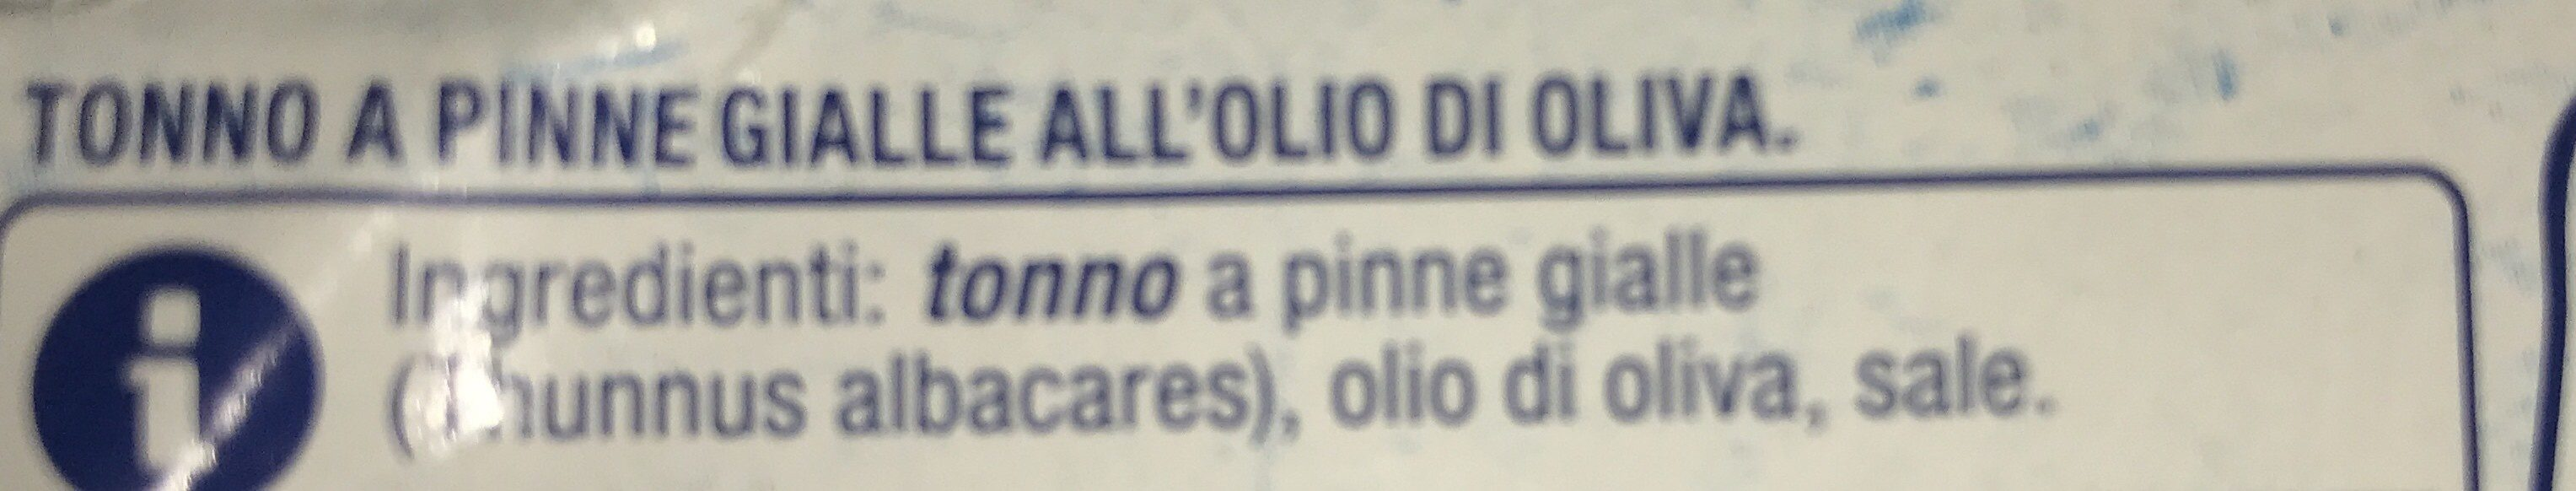 Tonno a pinne gialle all'olio di oliva - Ingrediënten